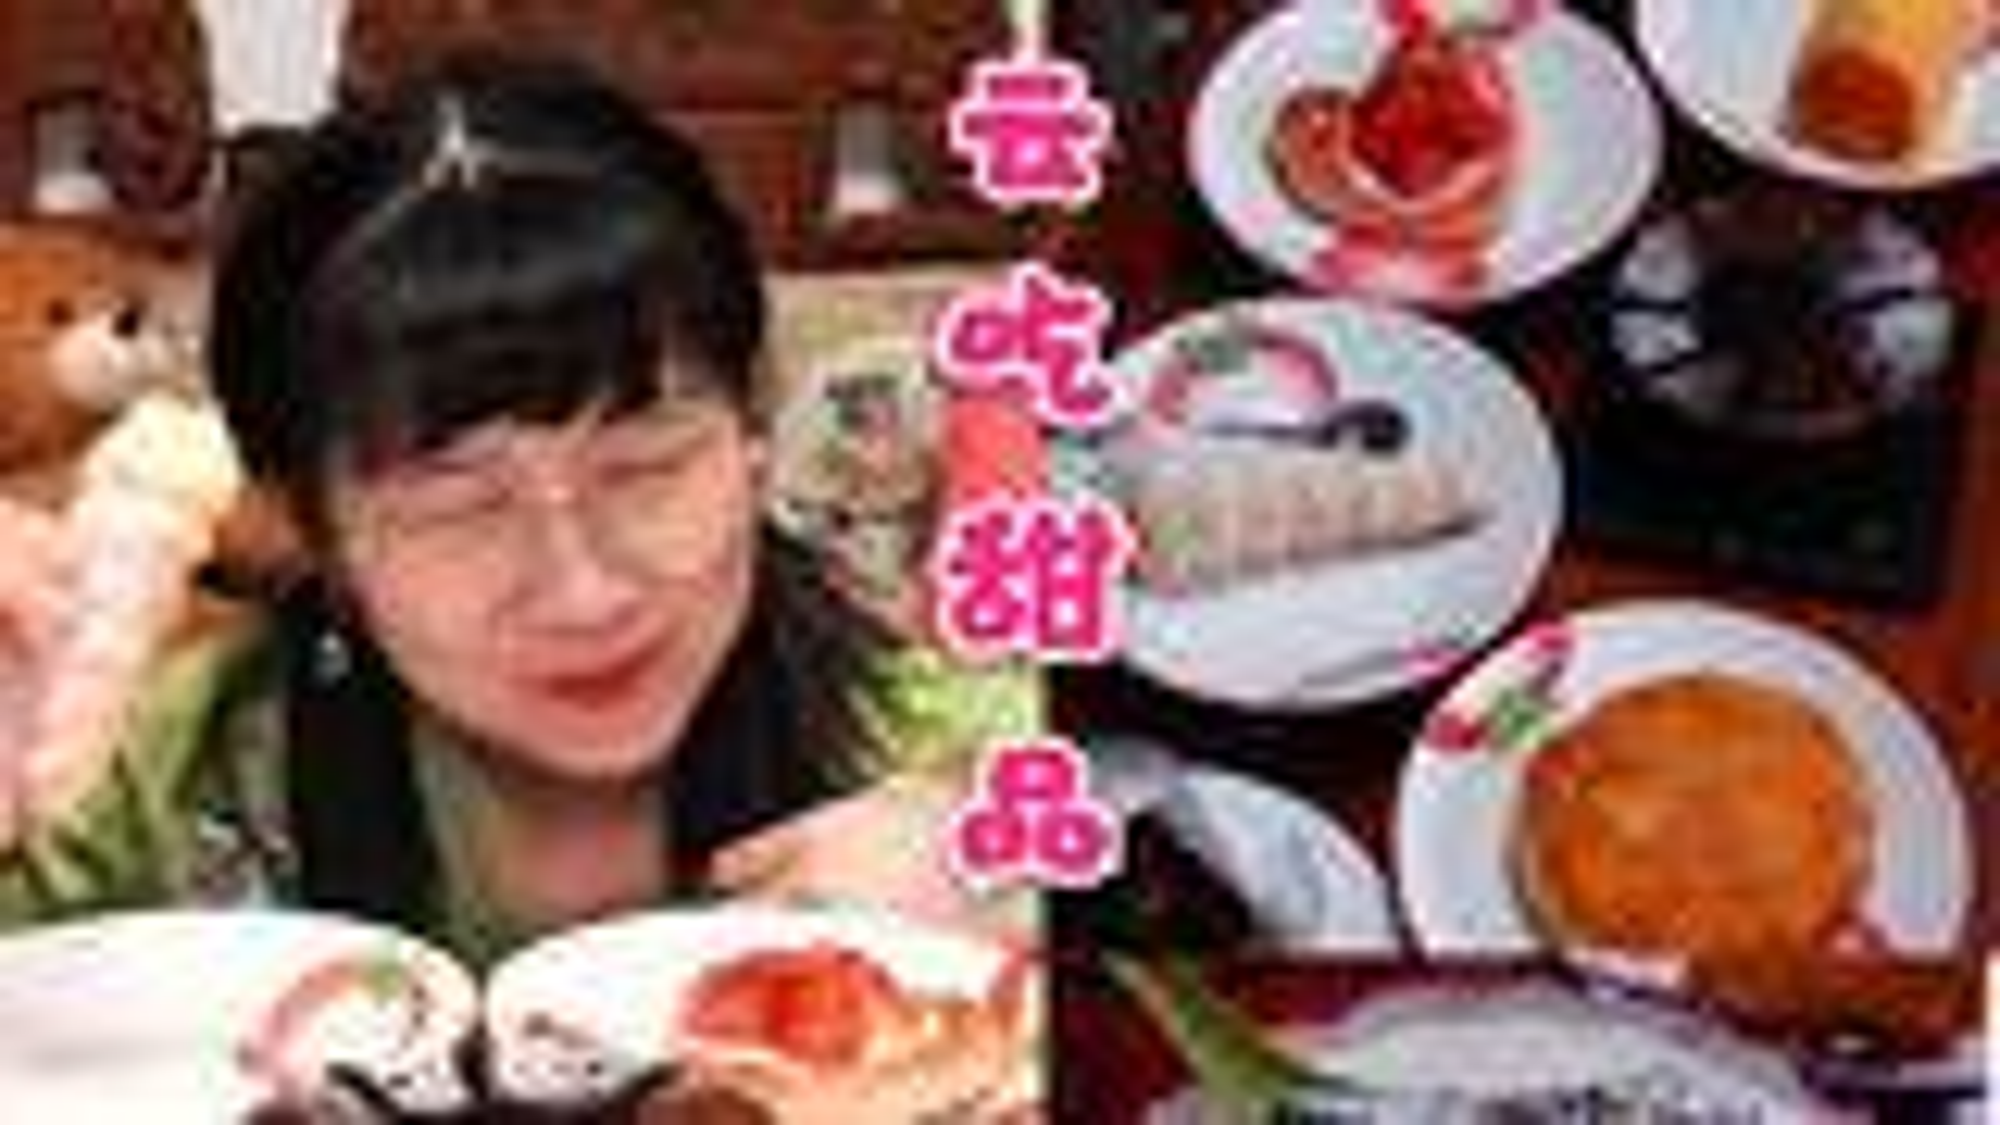 【小猪猪的vlog】云吃甜品!好久没吃甜品了,果断点个外卖解解馋,啊奶油好好吃!